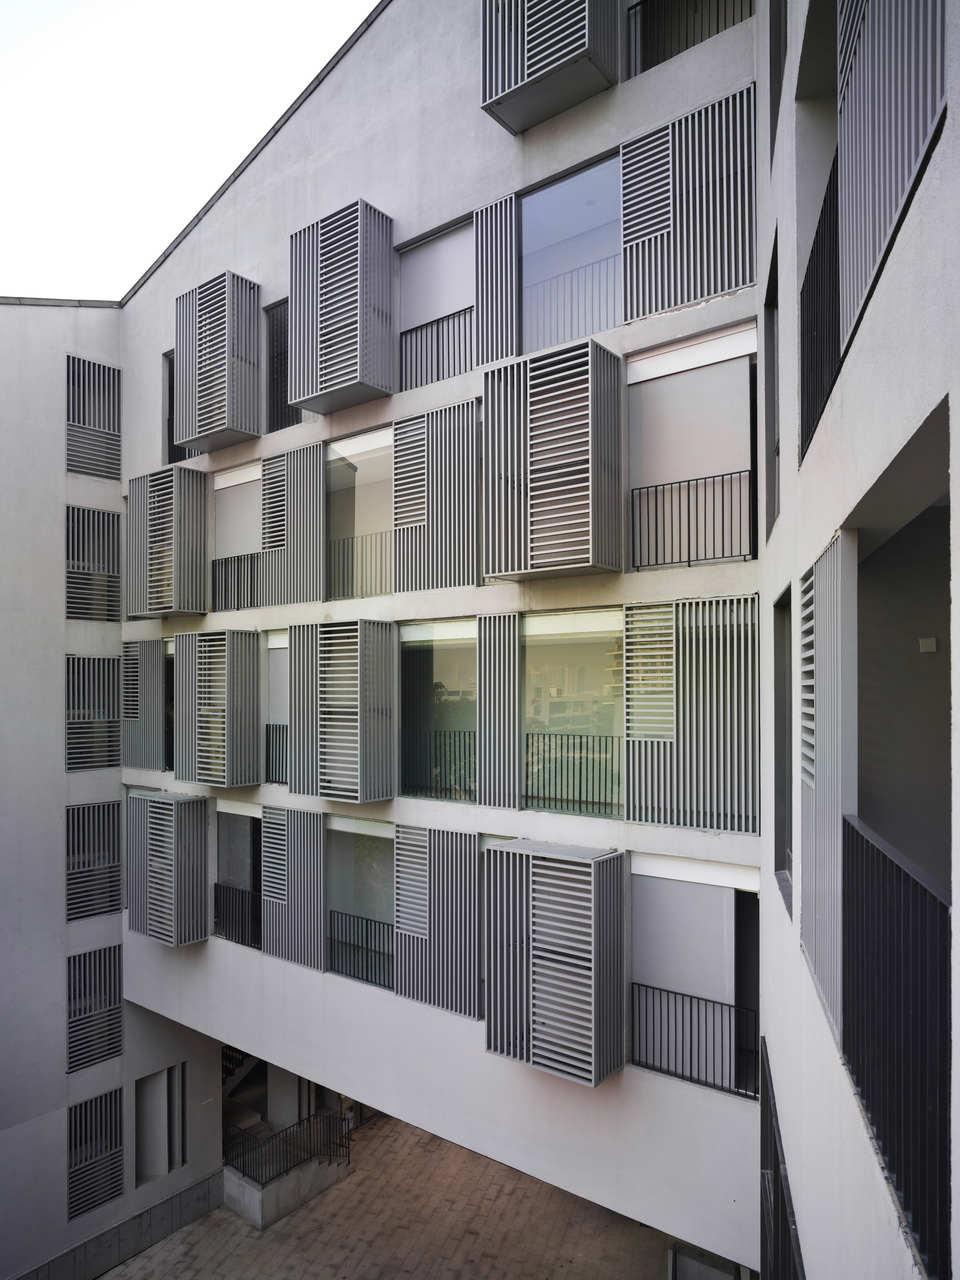 Galeria de maillen hotel apartment urbanus 14 for Appart hotel urban lodge chaudfontaine